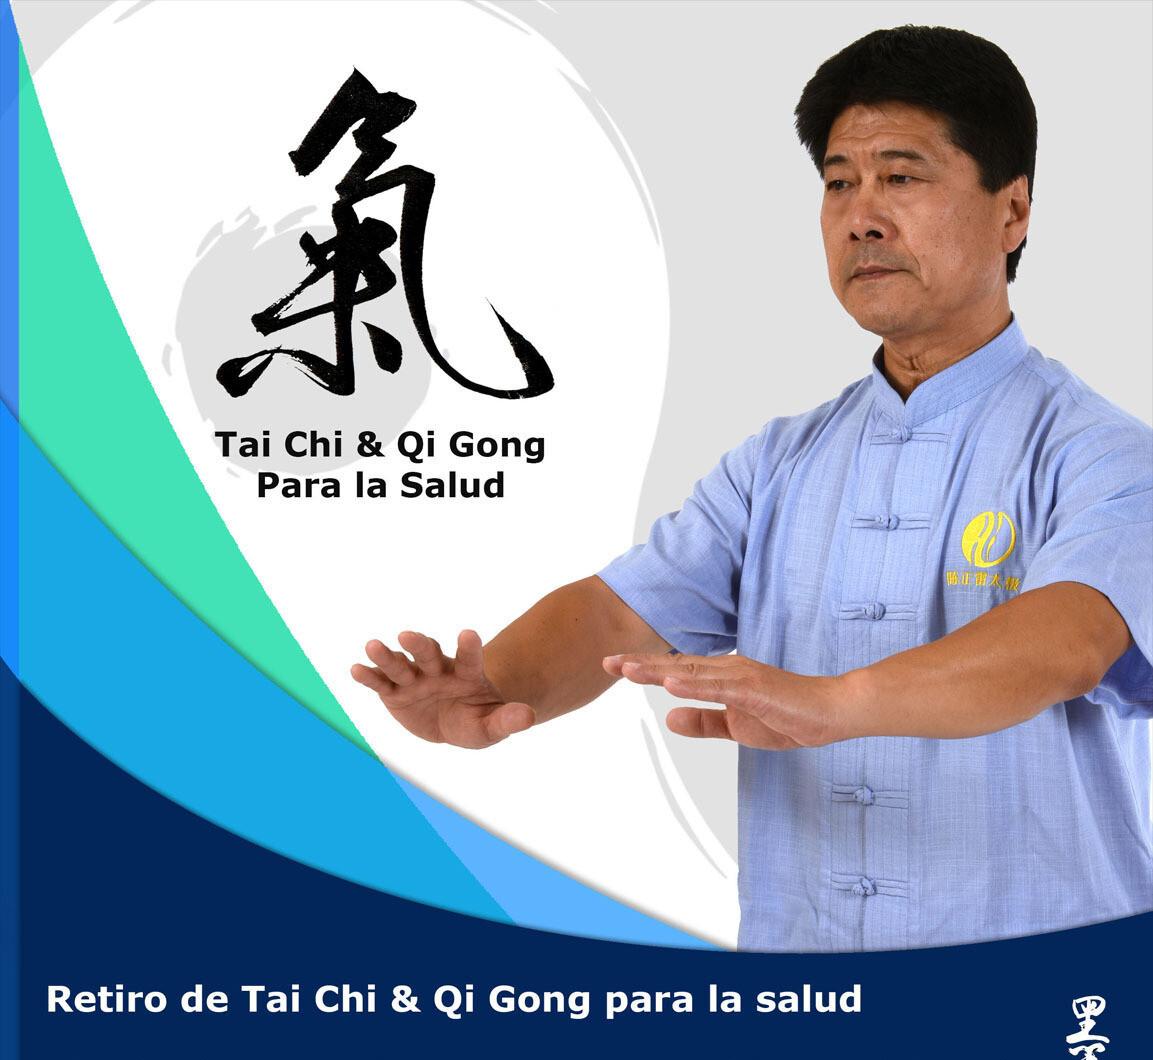 Seminario Tai Chi & Qi Gong para la Salud y Longevidad.